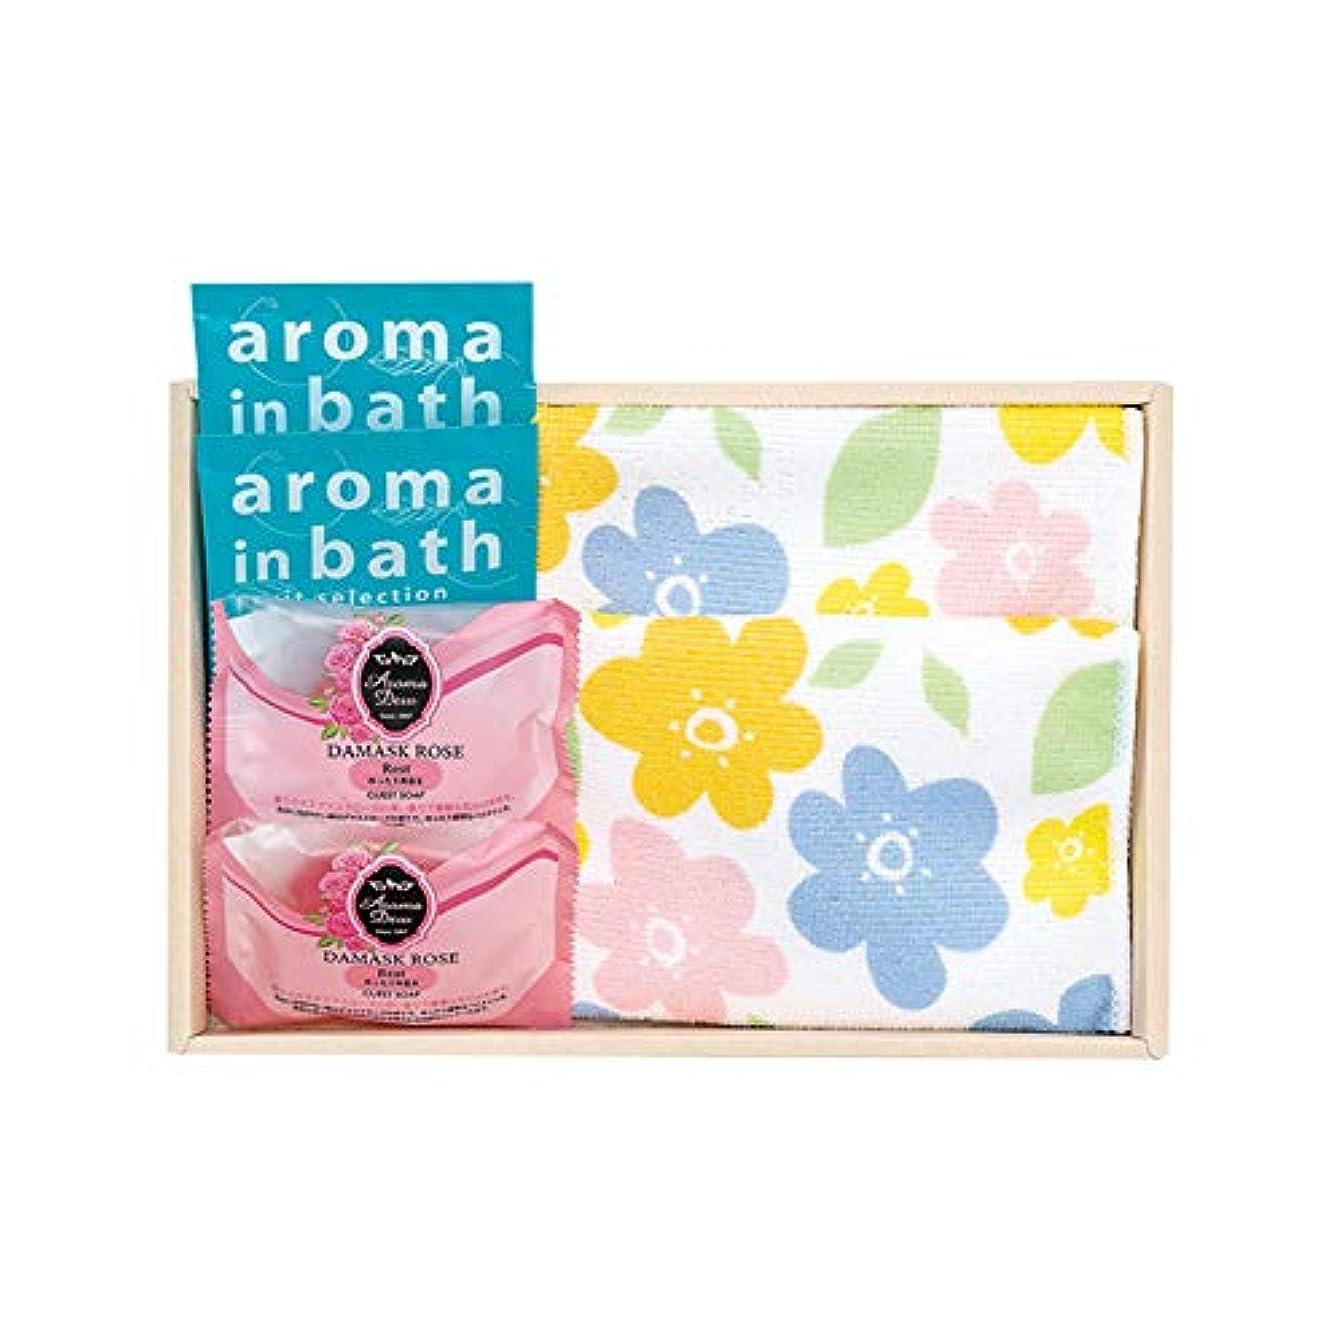 ブラケット交換可能姿を消すアロマの香り バスセット 341-81 入浴剤ギフト